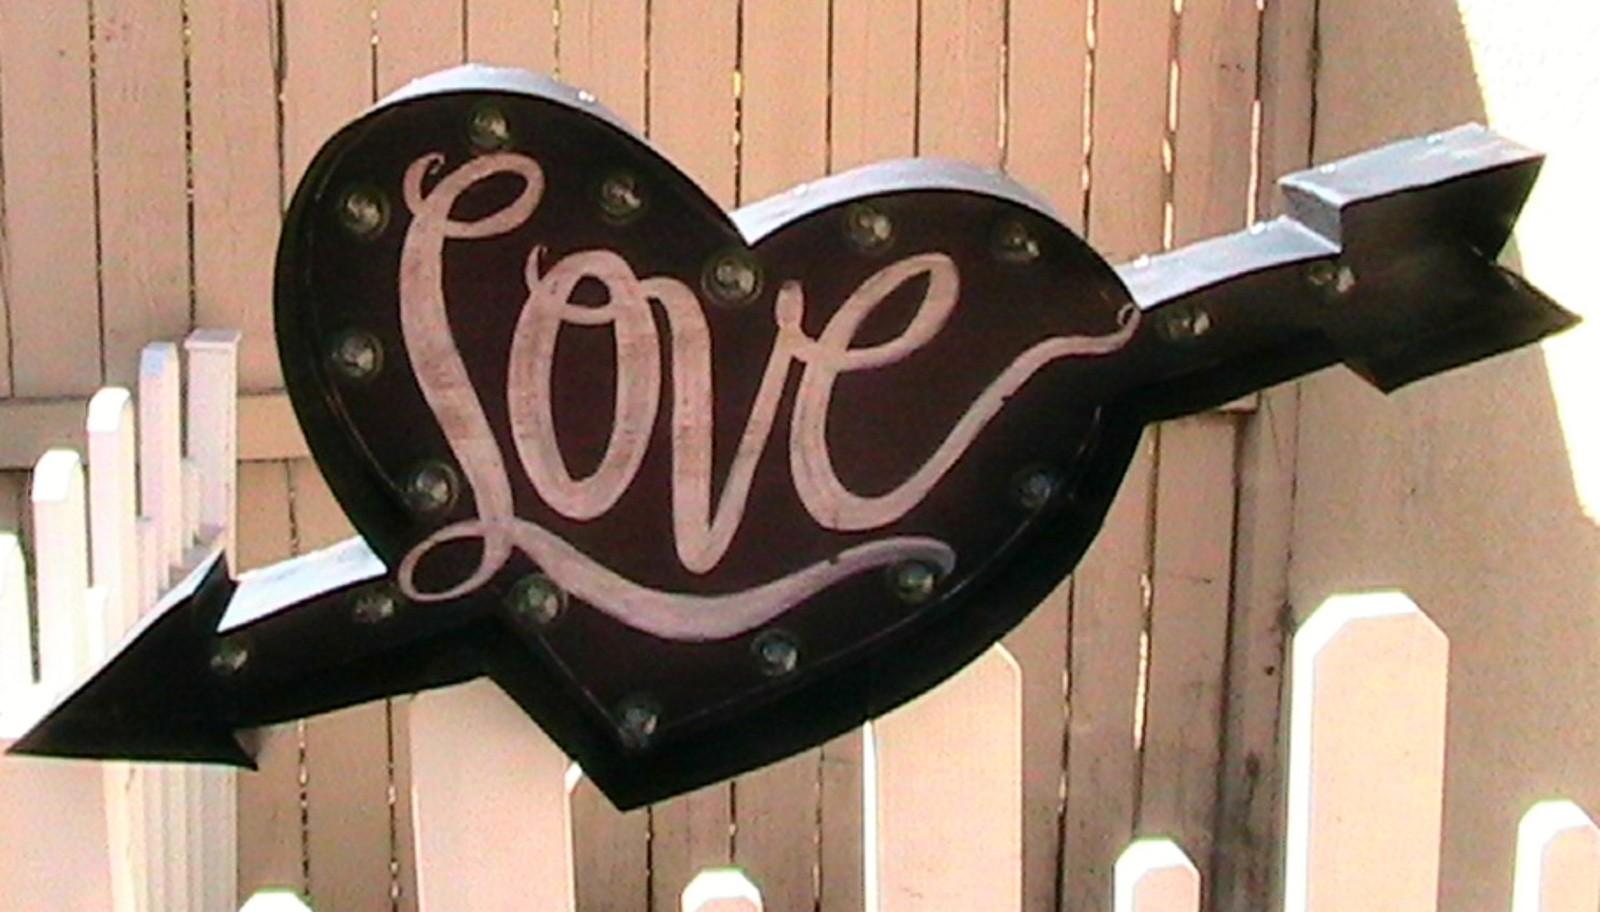 LoveHeart.JPG